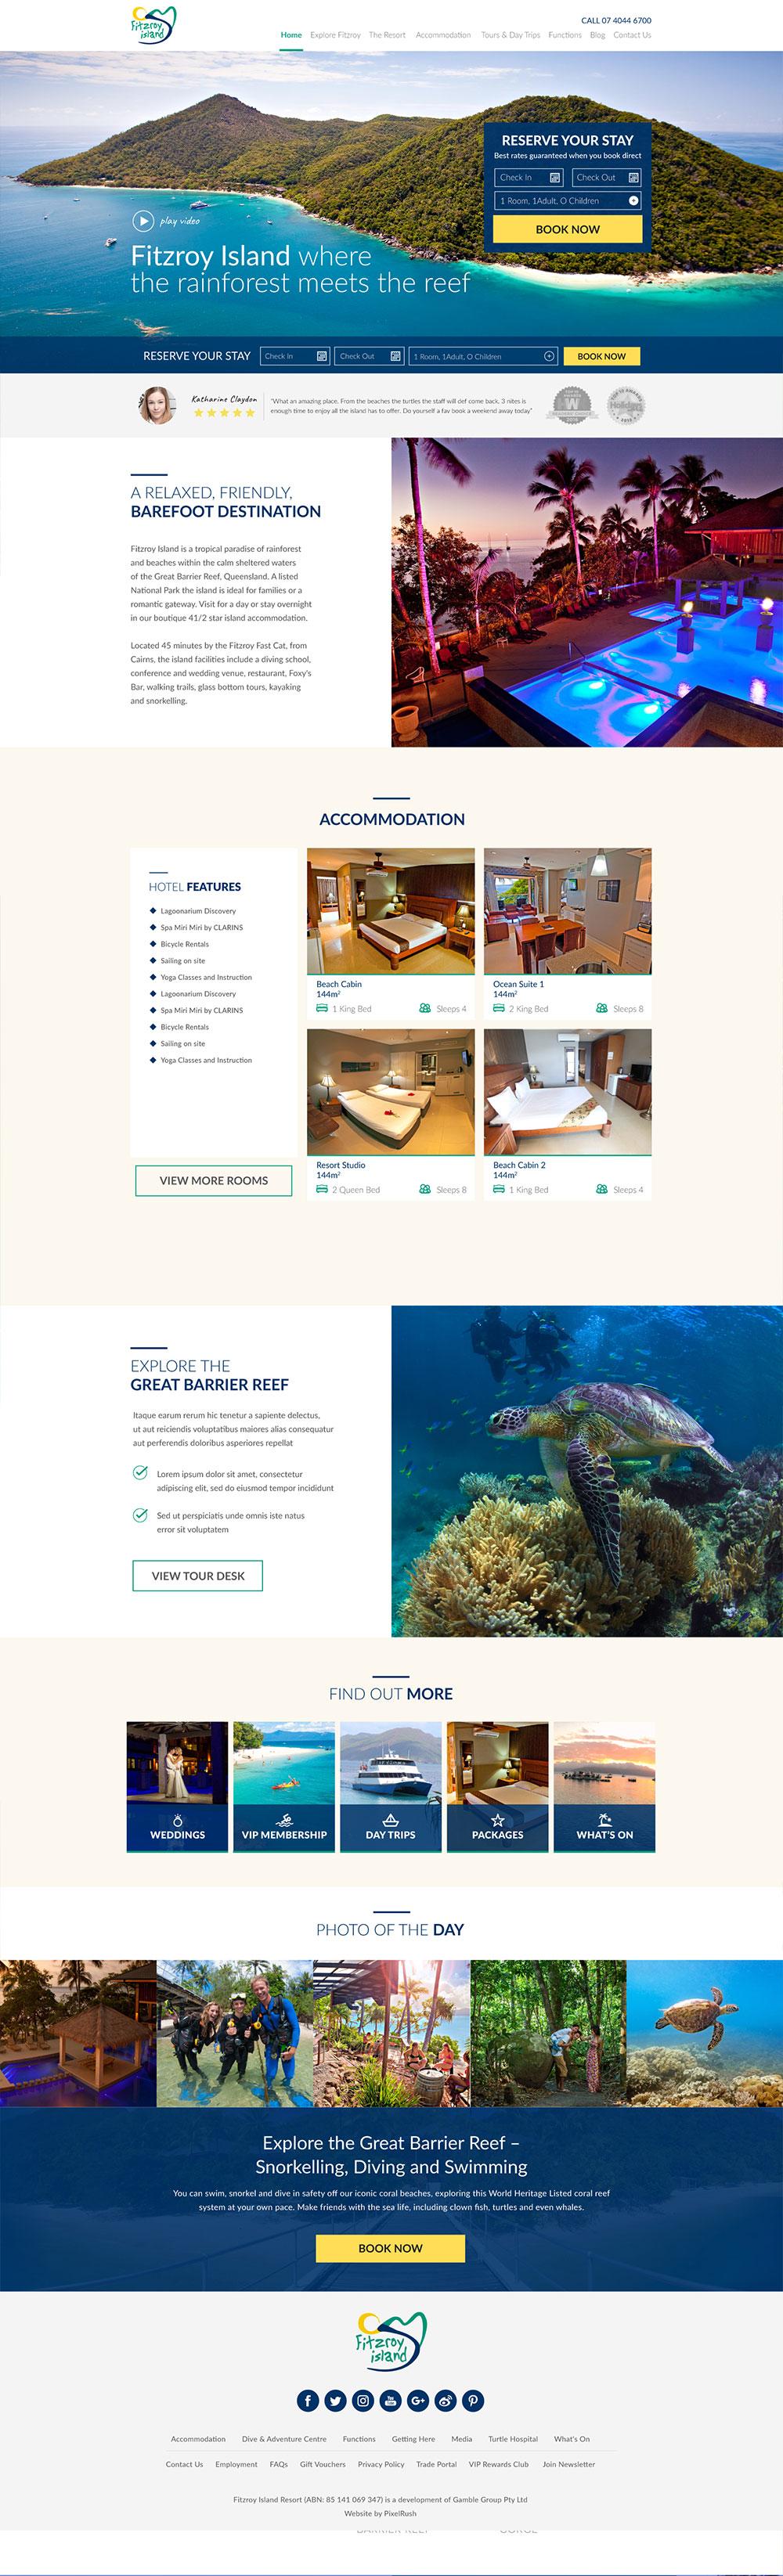 Fitzroy Island Hotel Web Design